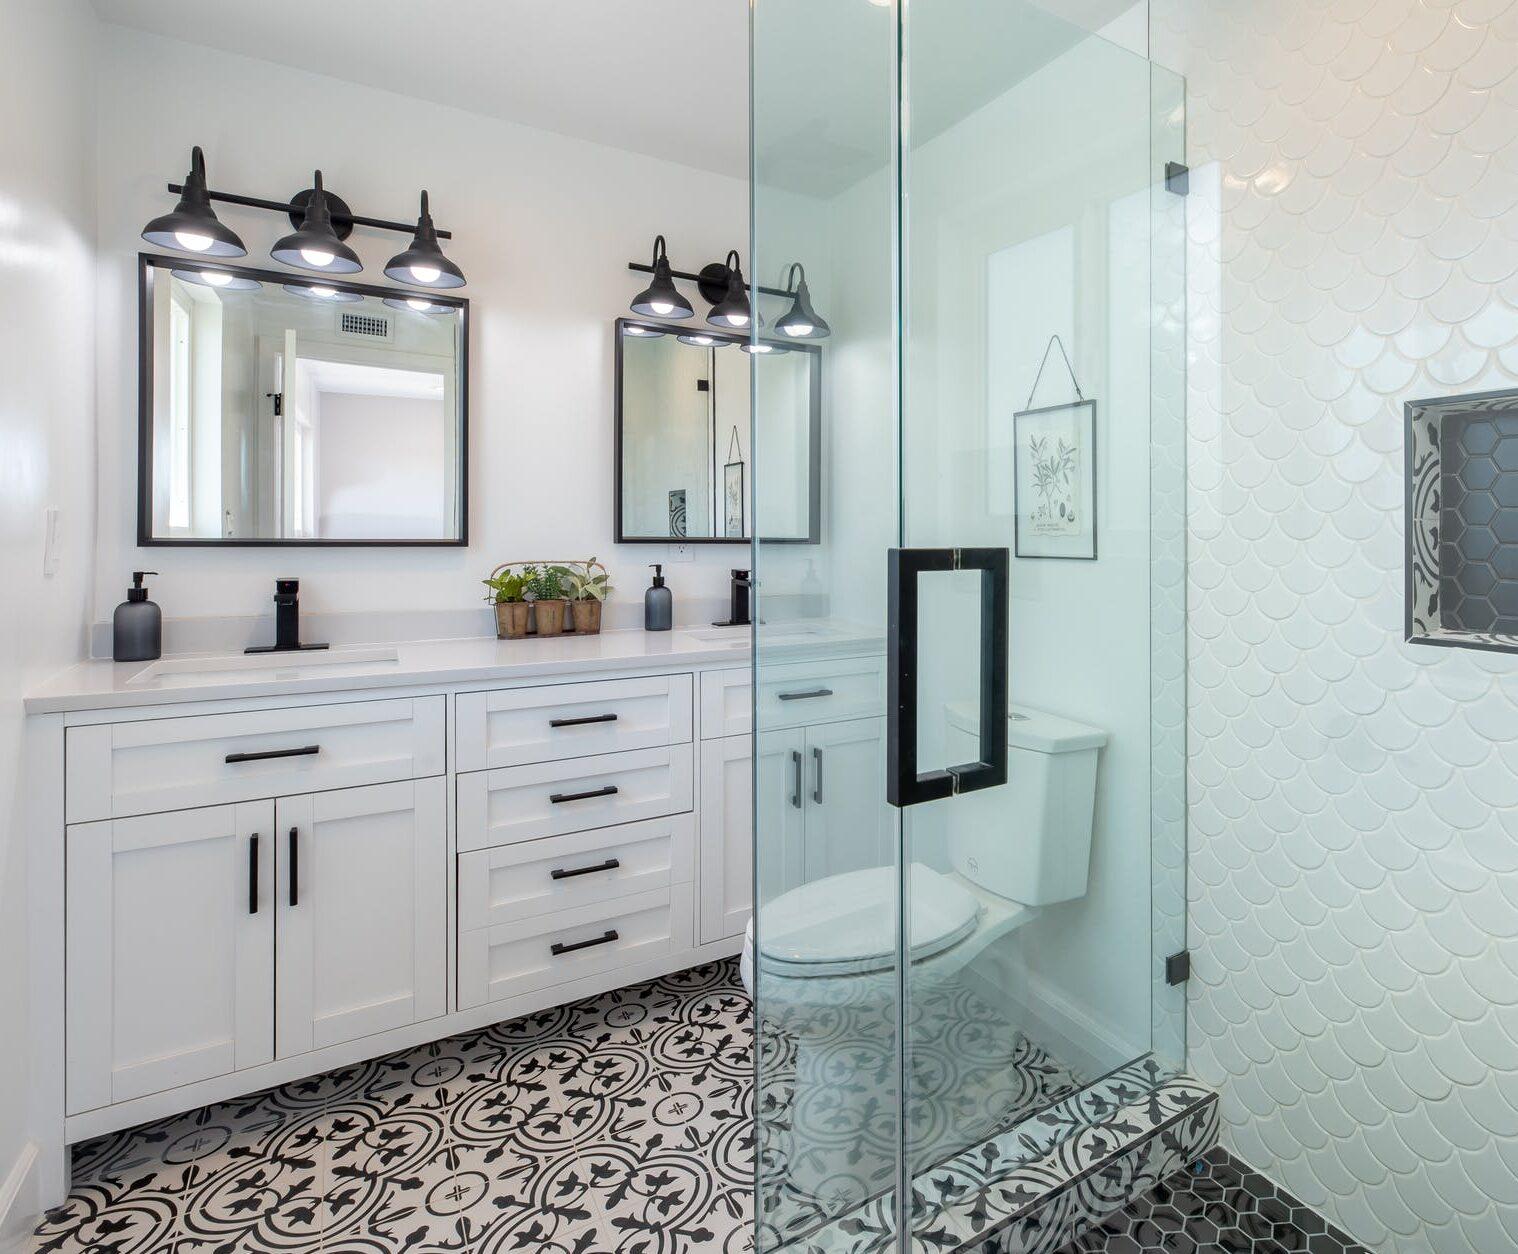 Consejos para escoger la mampara de vidrio perfecta para el baño